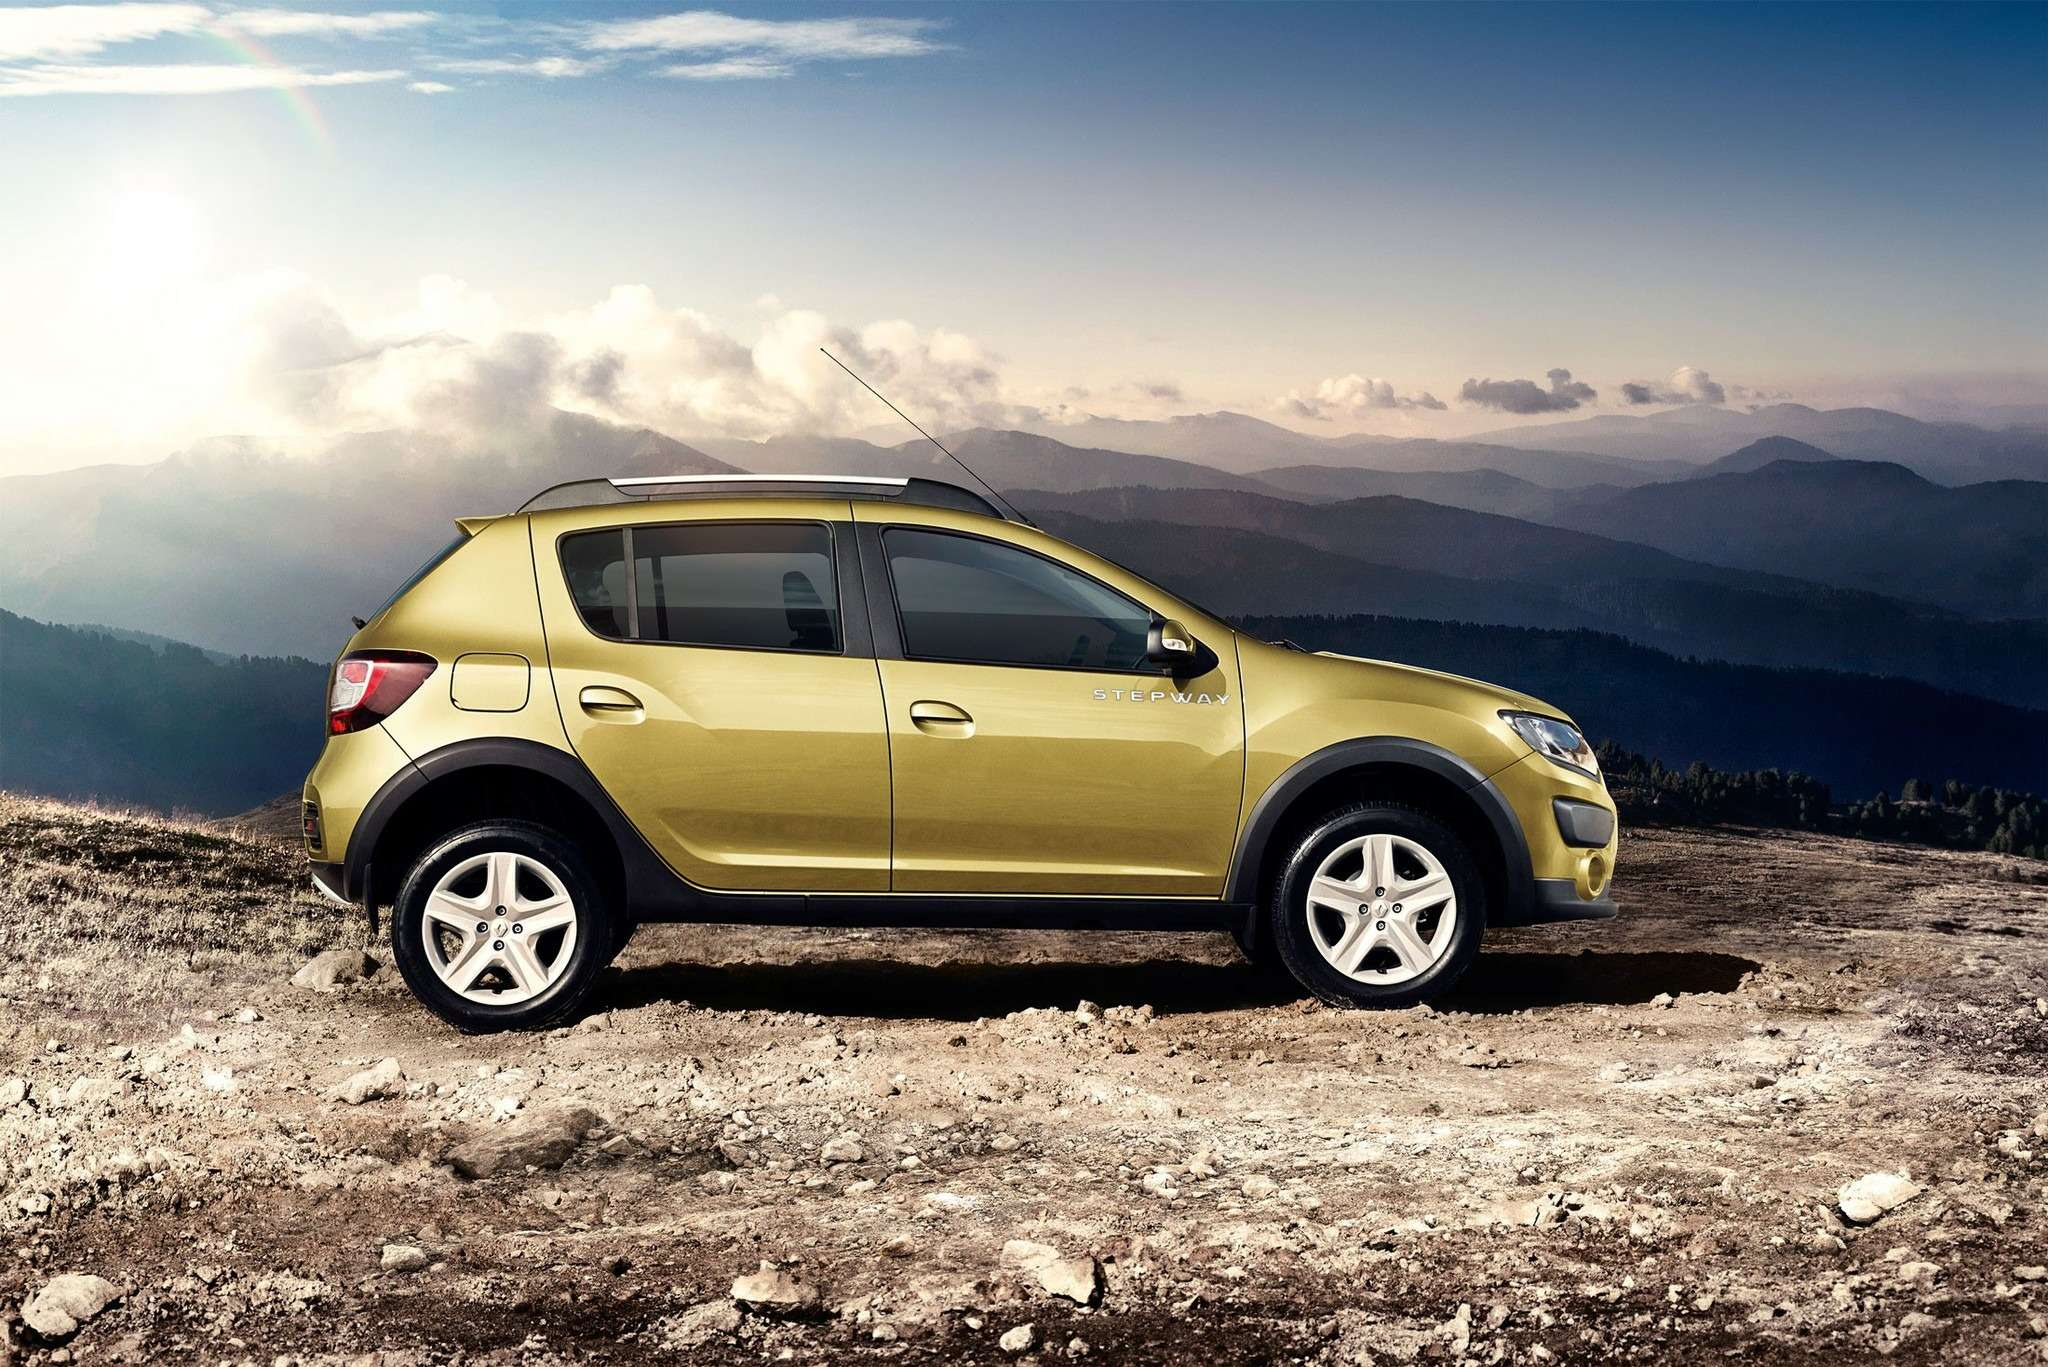 Renault_63361_ru_ru